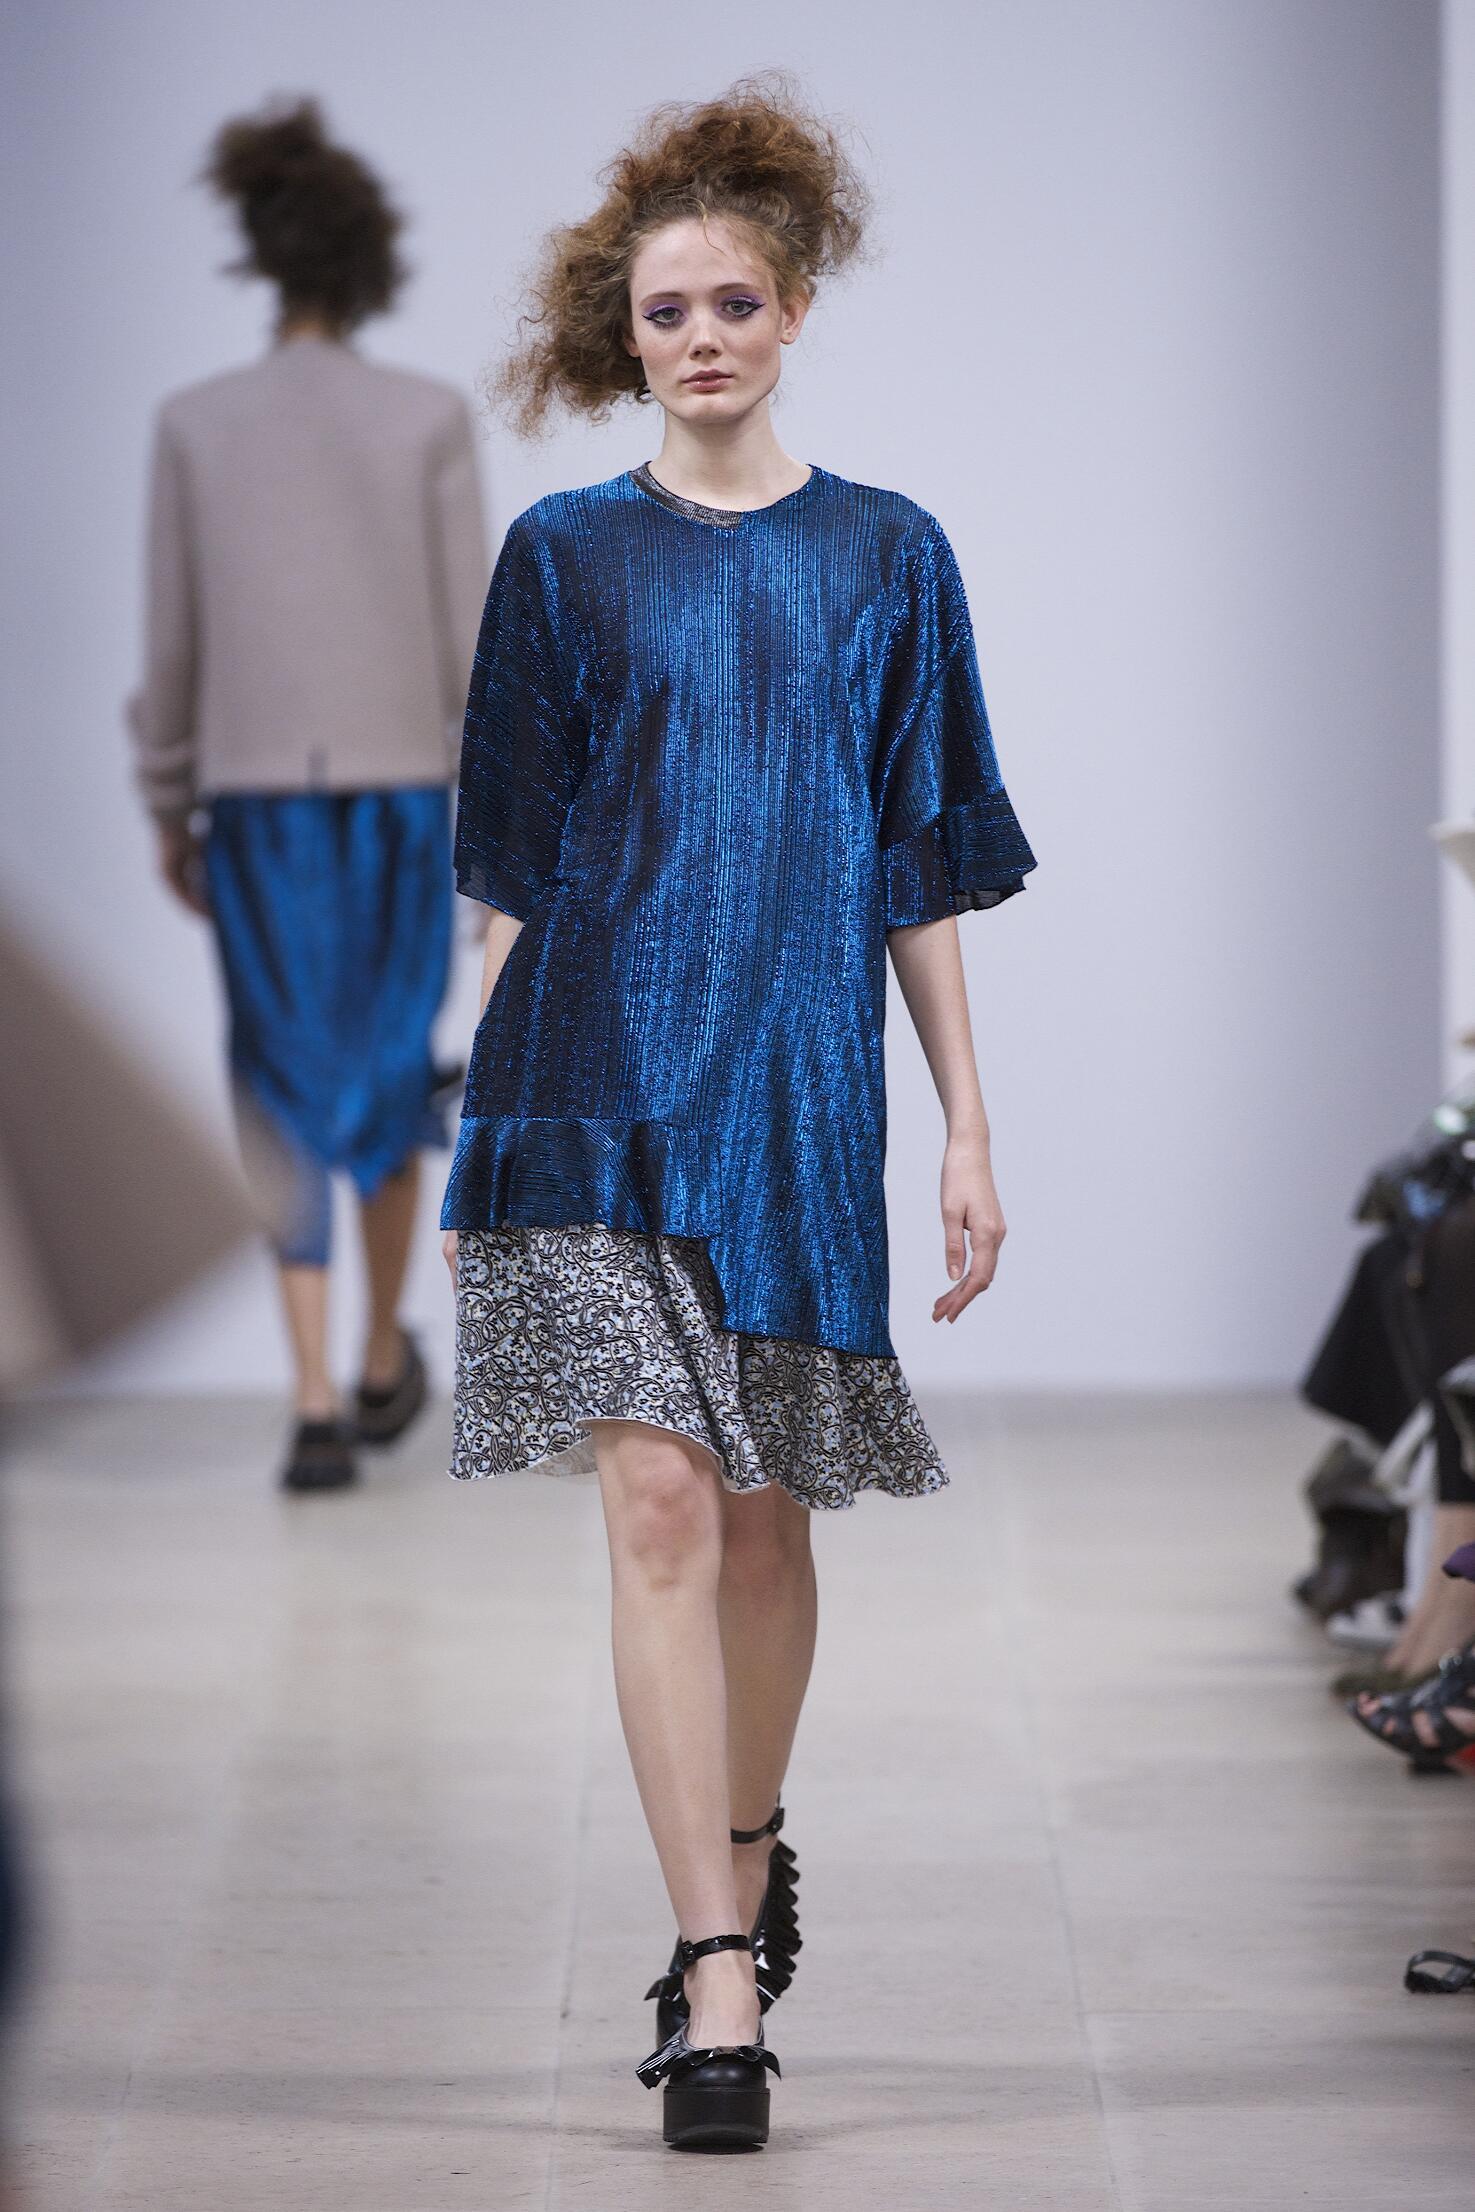 Julien David SS 2015 Womenswear